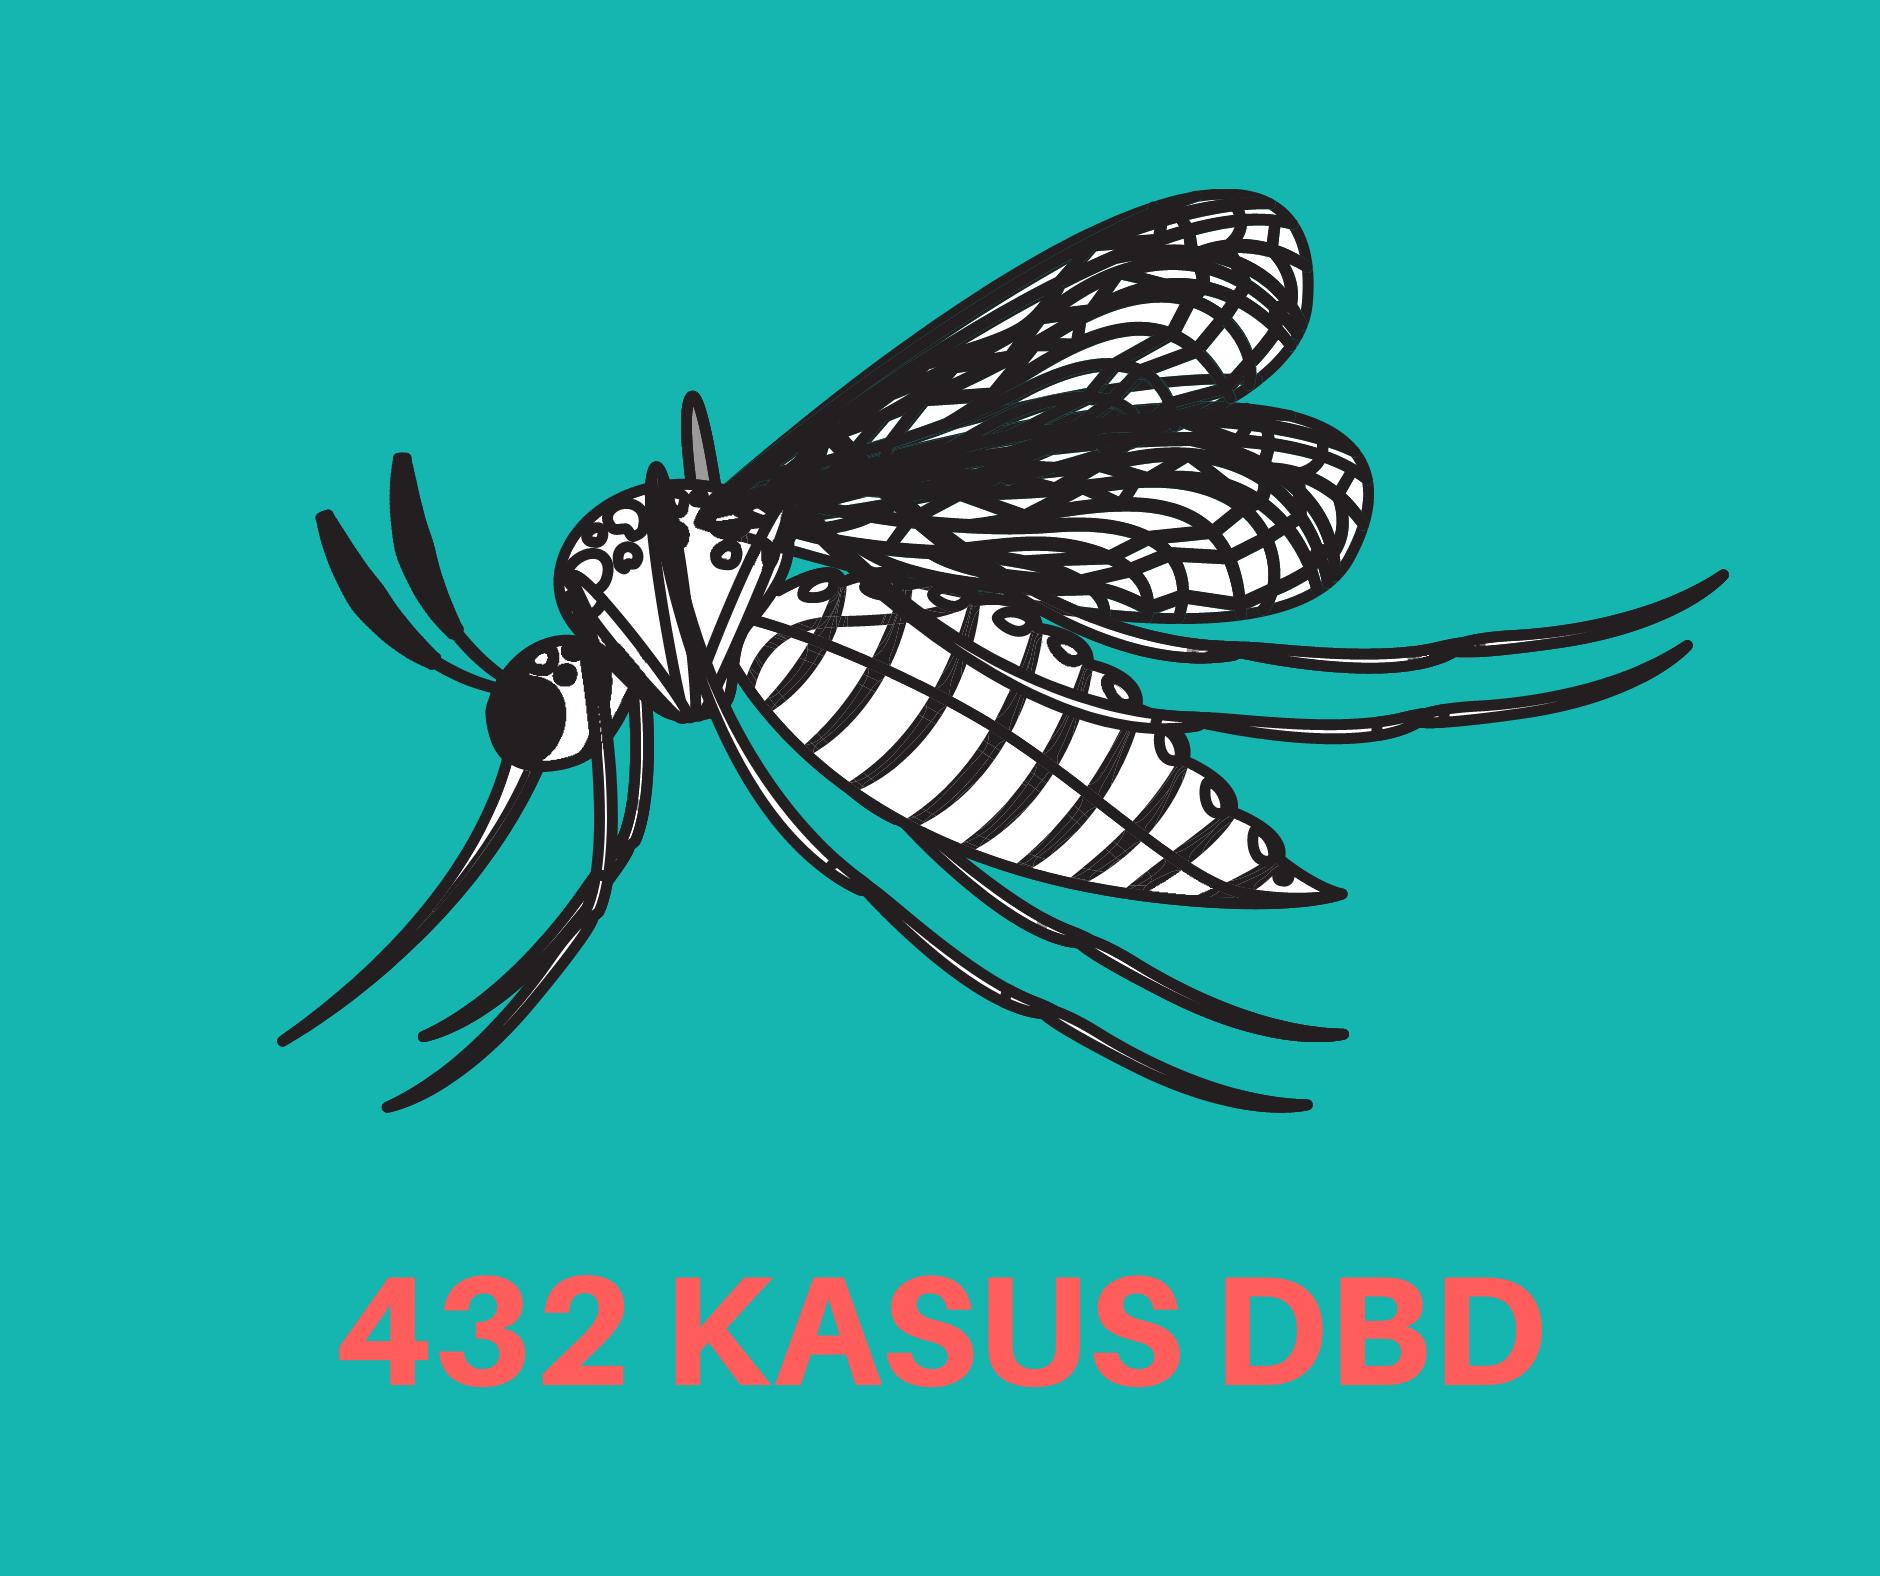 Image : DBD di Pekanbaru 432 Kasus, Hampir Semua Sudah Sembuh